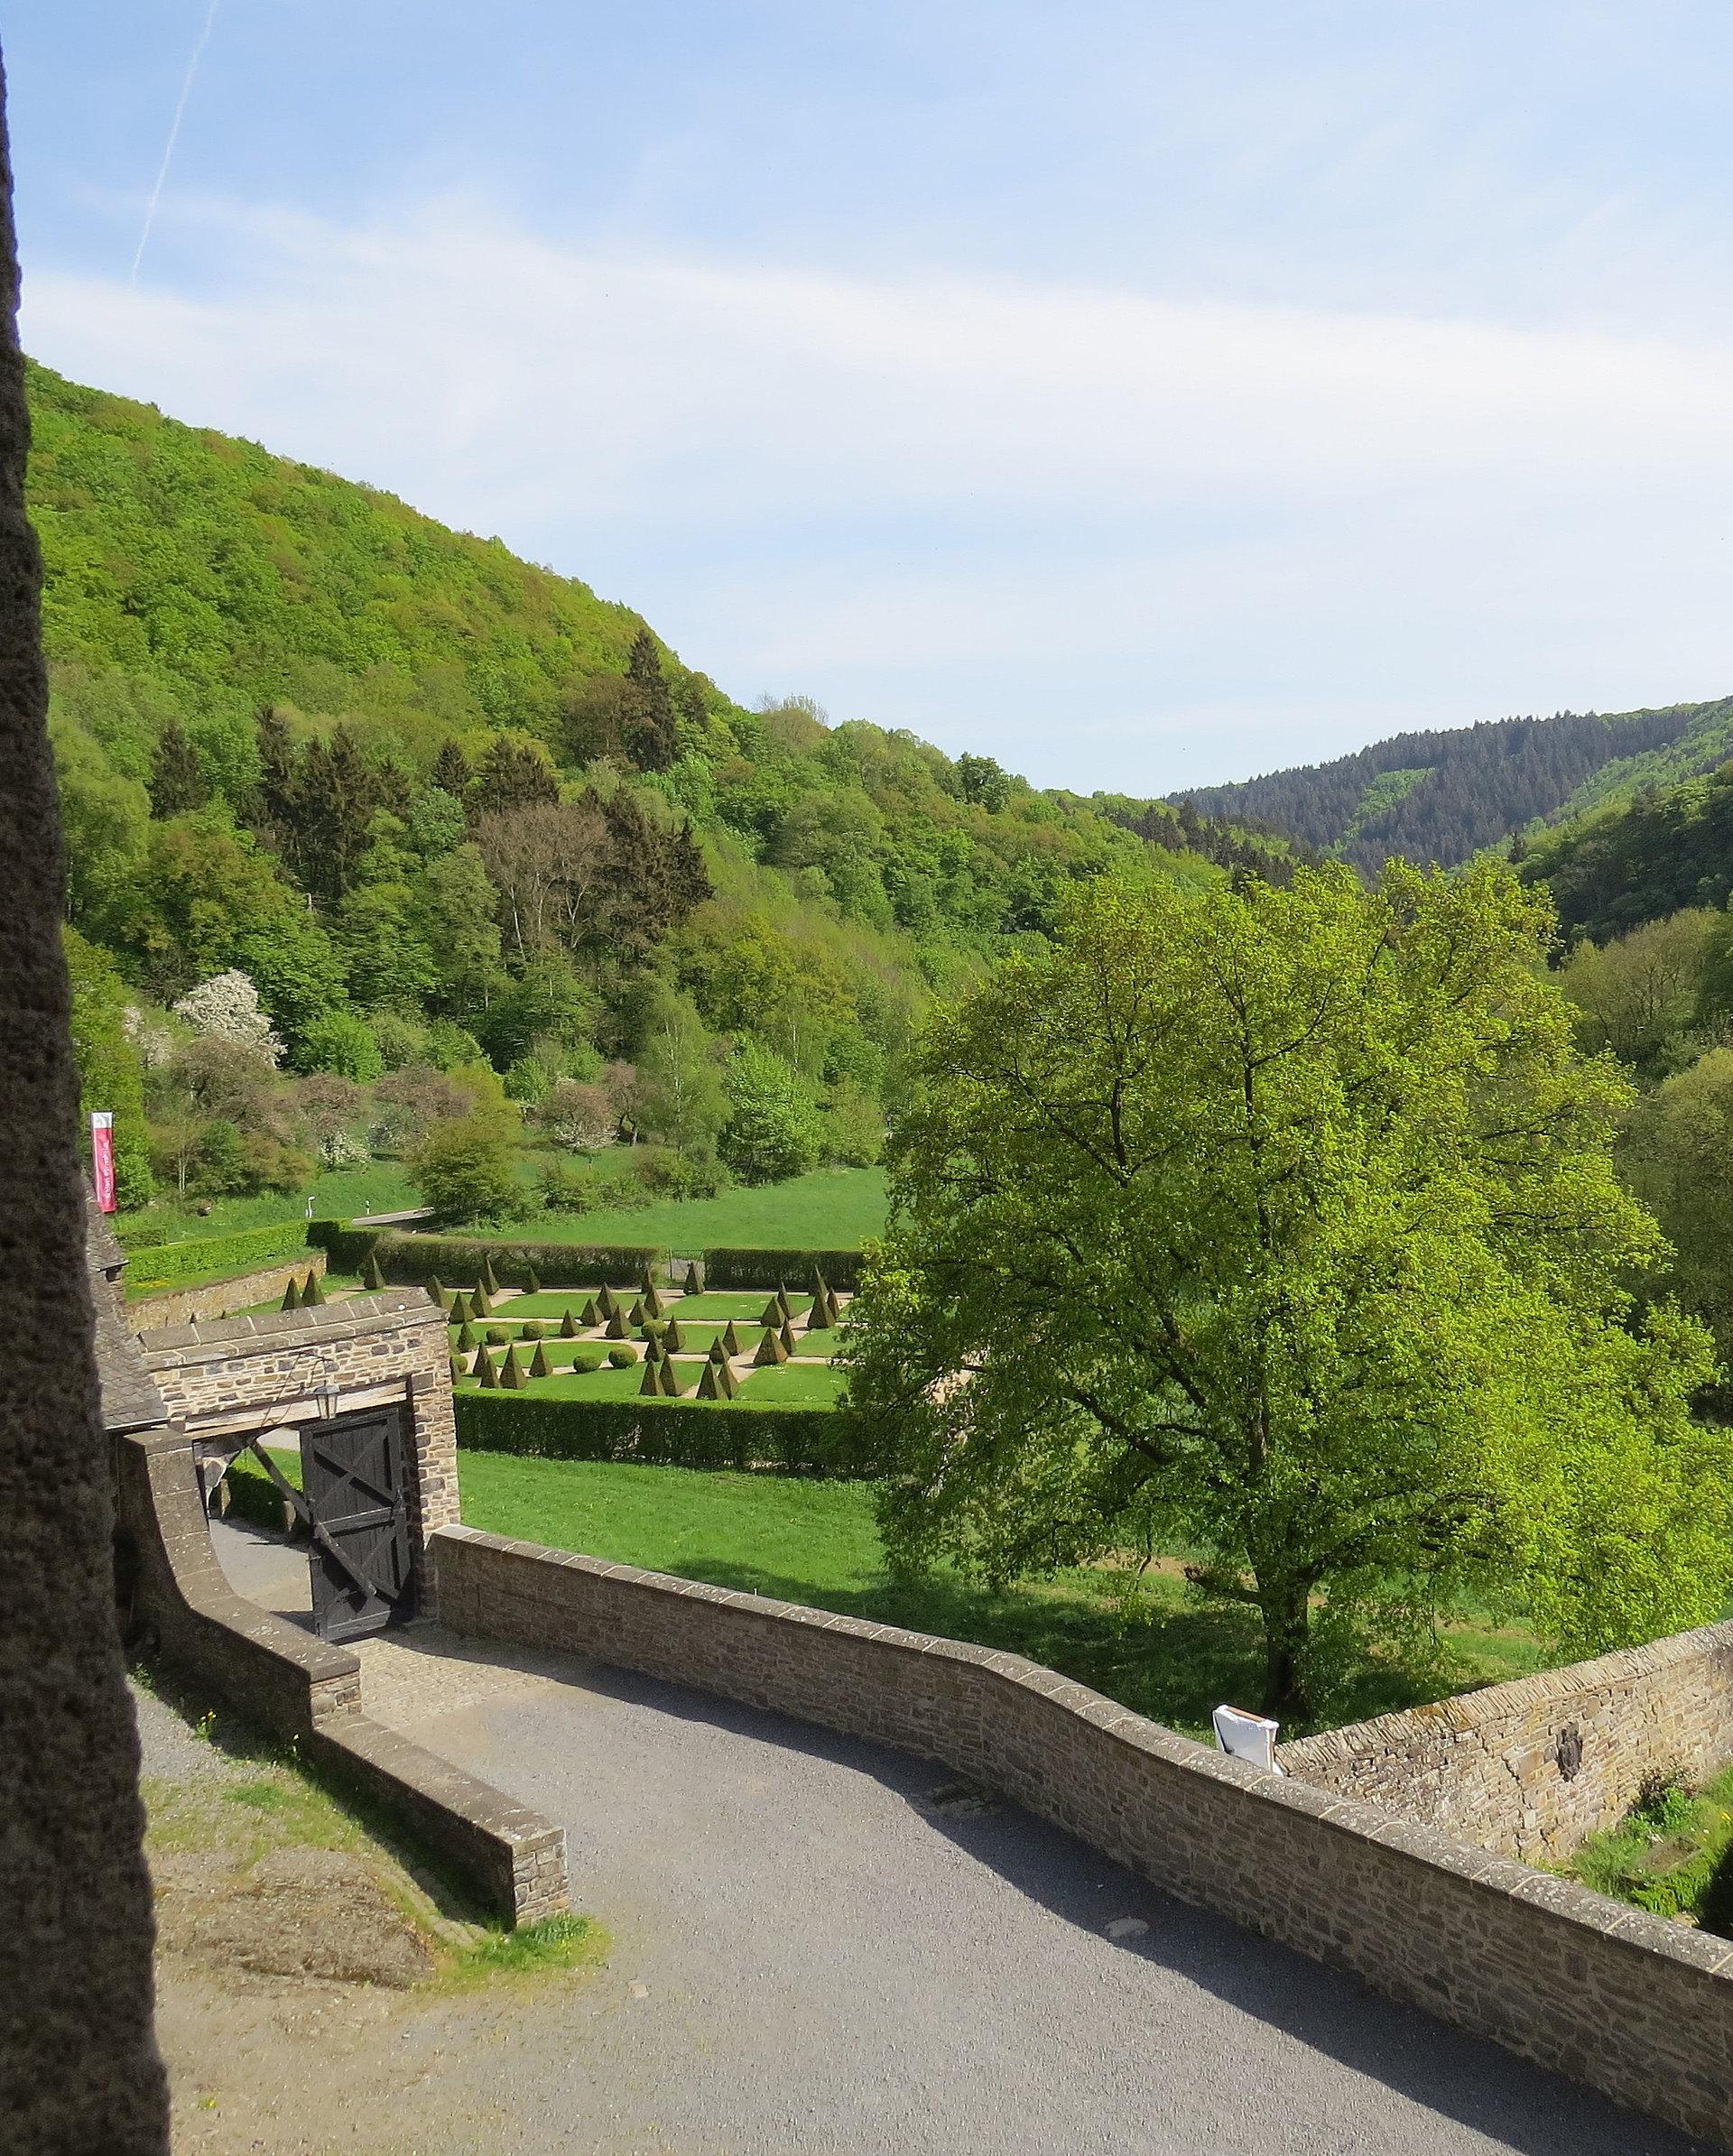 Schlossgarten von Schloss Bürresheim bei St. Johann, Eifel